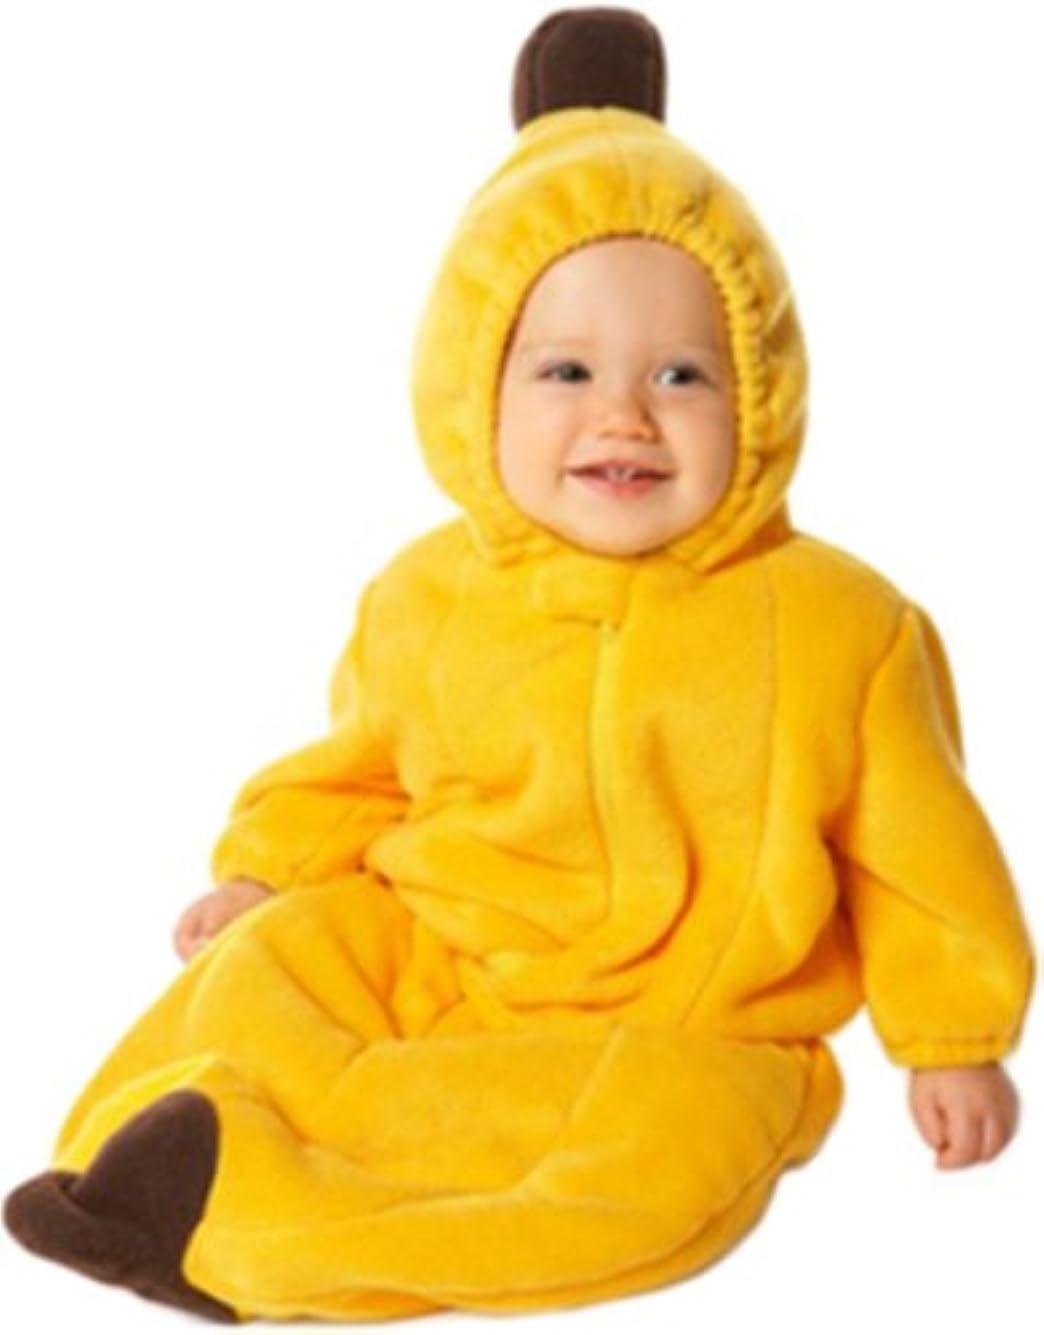 ベビー バナナ おくるみ バナナ 着ぐるみ